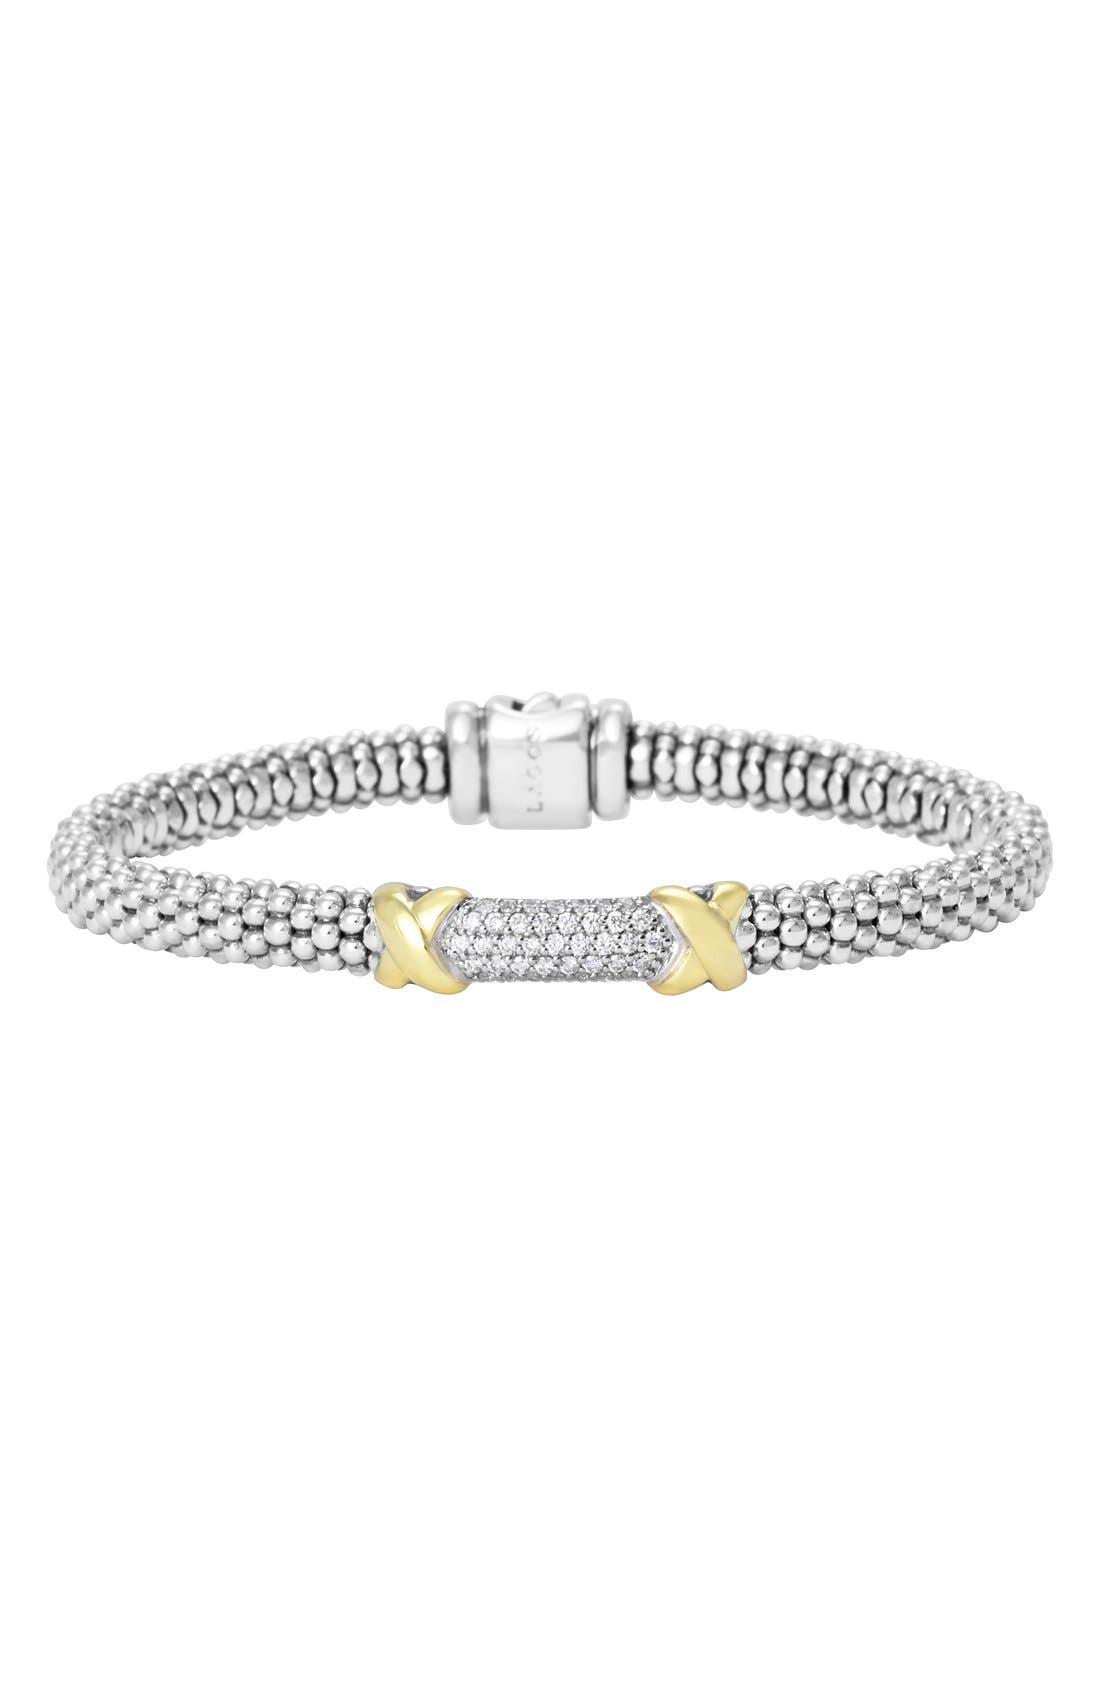 Alternate Image 1 Selected - LAGOS 'Diamond Lux' Diamond Rope Bracelet